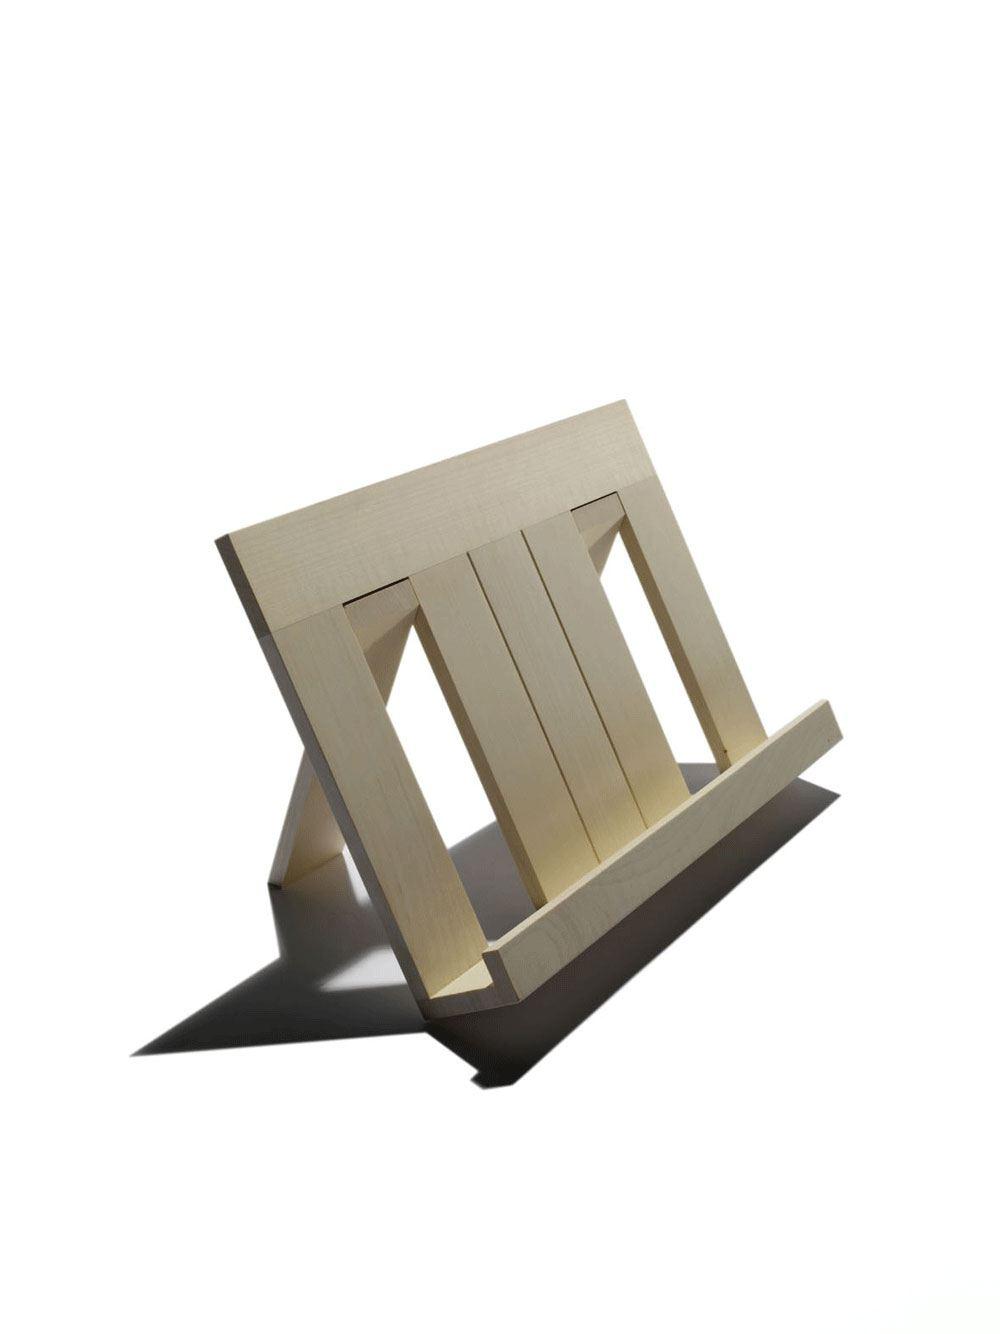 sidebyside design buchst nder aus holz ahorn. Black Bedroom Furniture Sets. Home Design Ideas